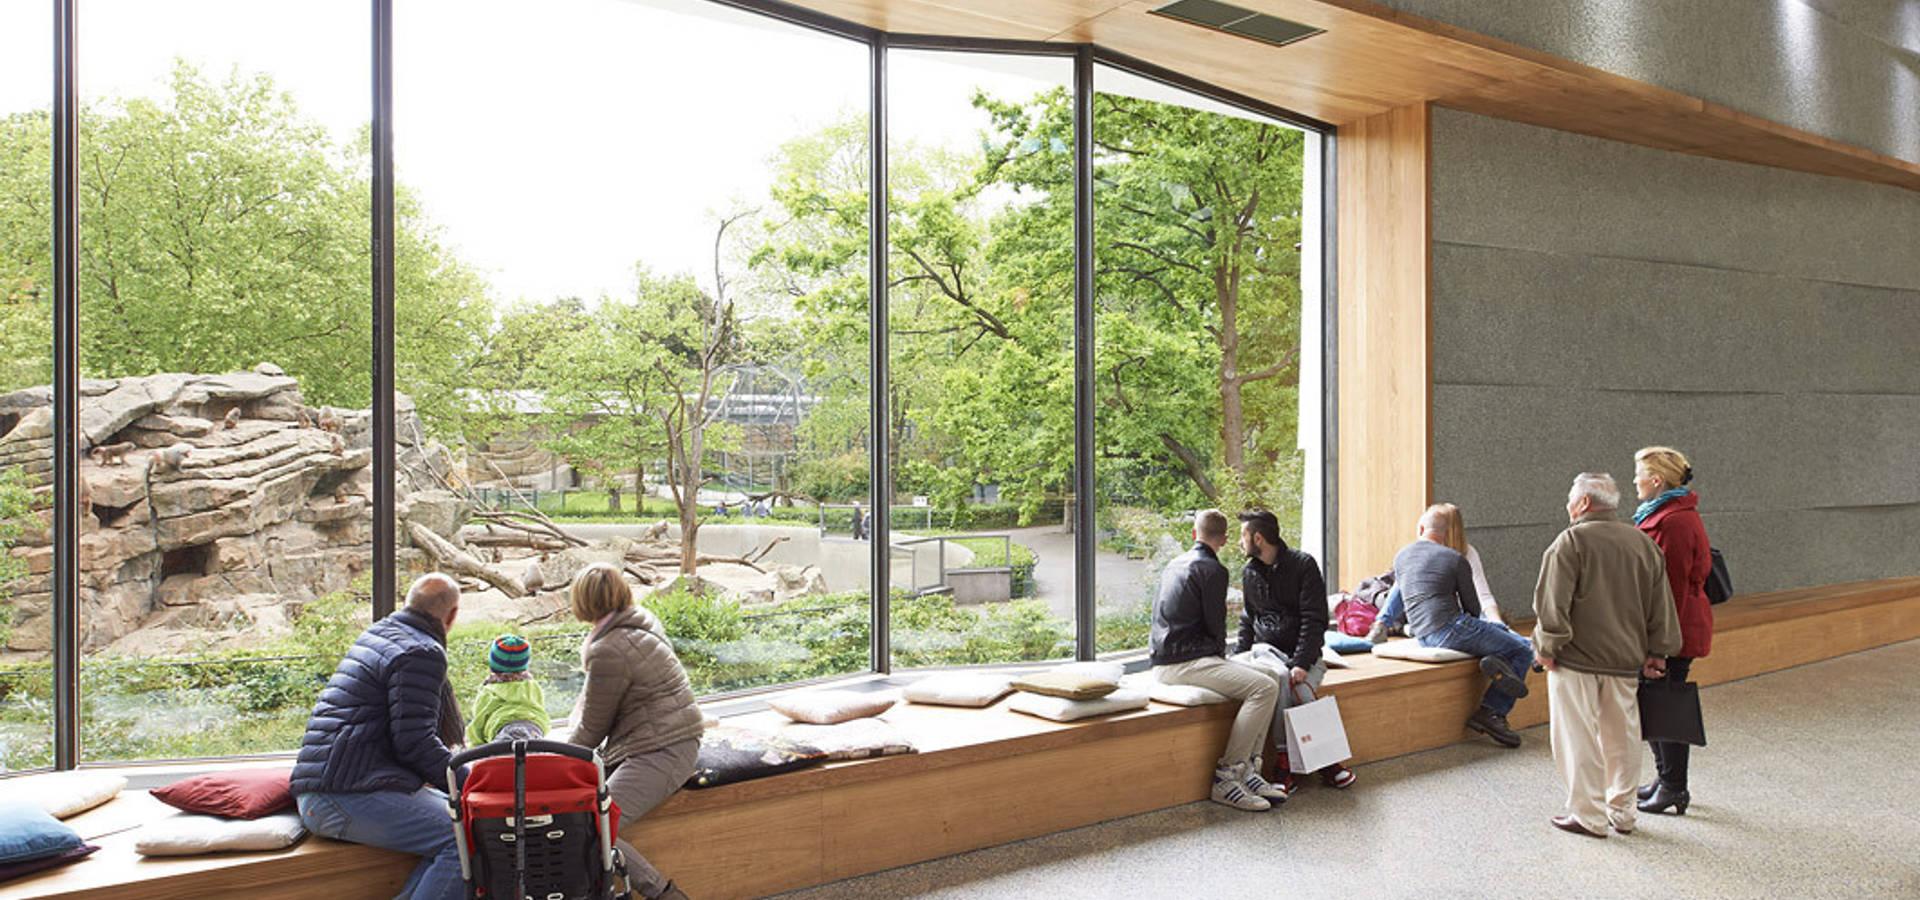 hild und k architekten bda m nchen. Black Bedroom Furniture Sets. Home Design Ideas